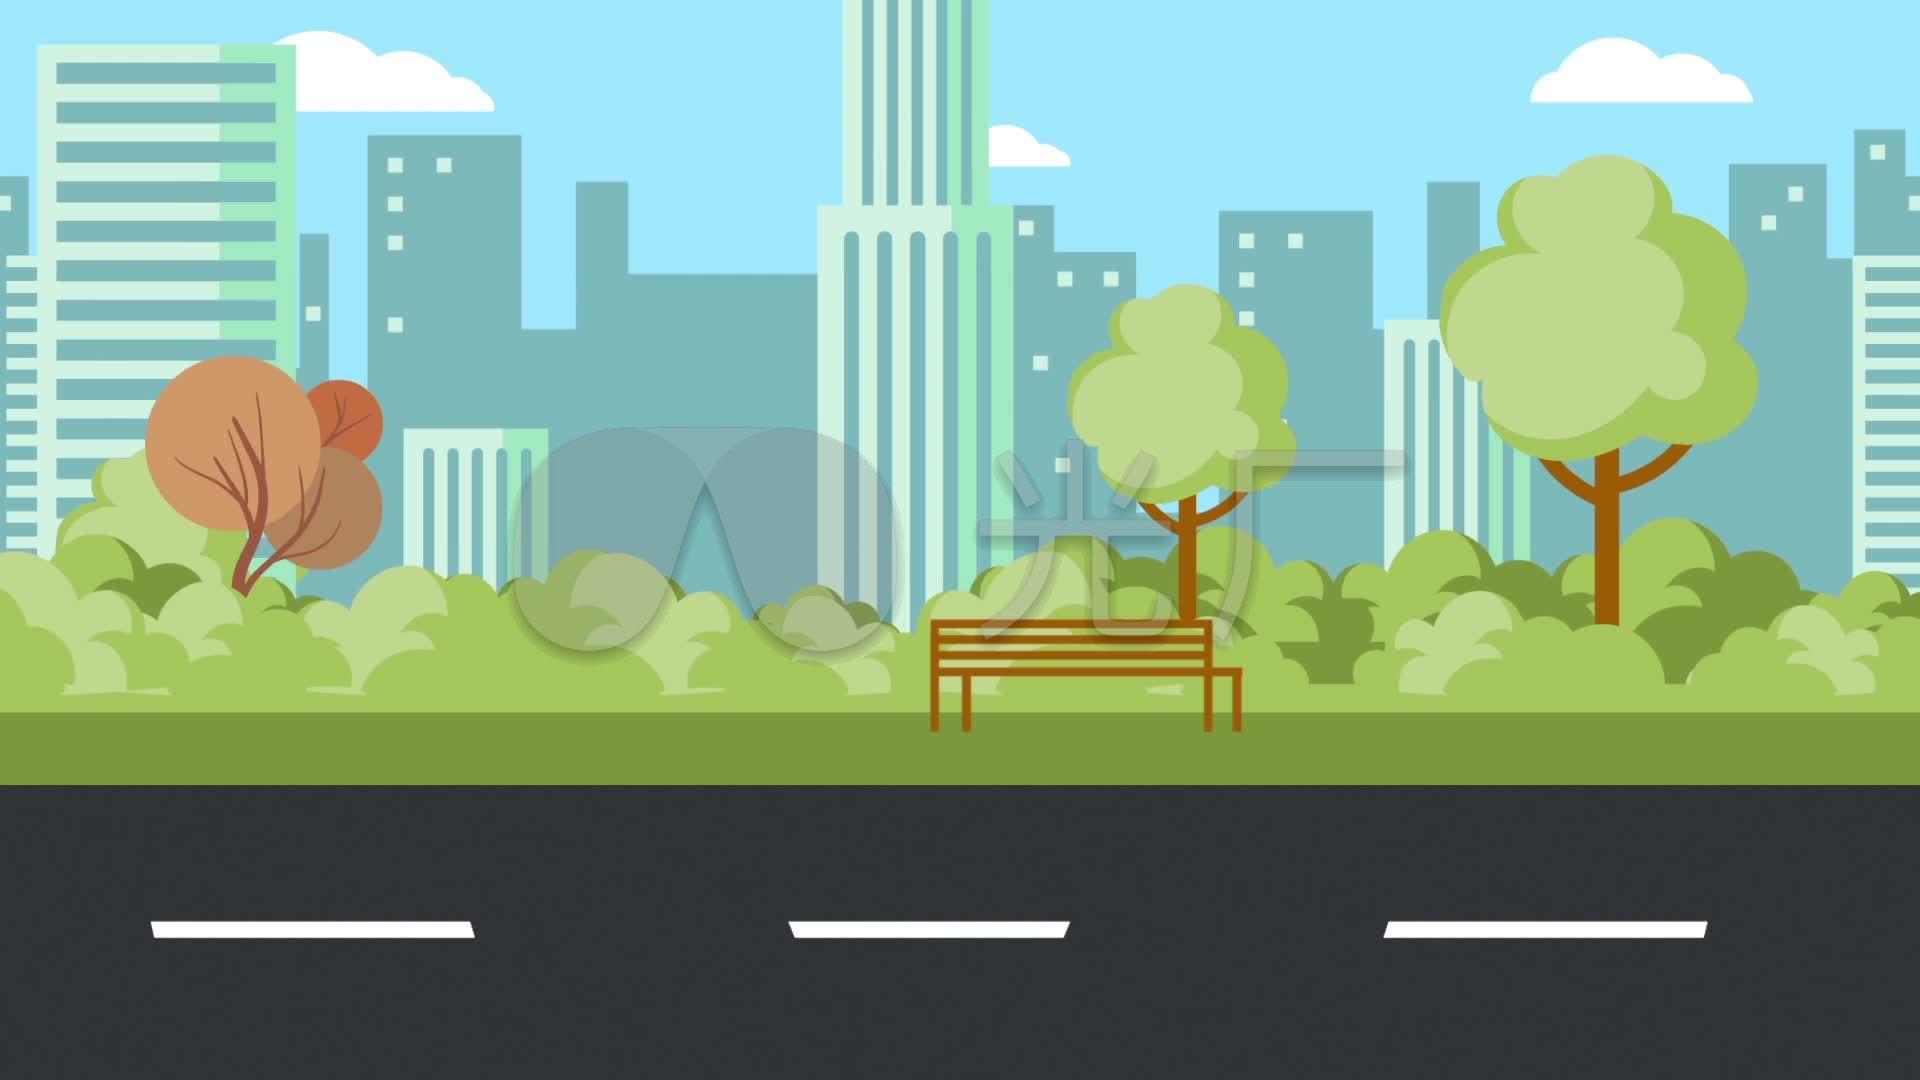 原版卡通城市马路循环_1920x1080_高清视频素材下载